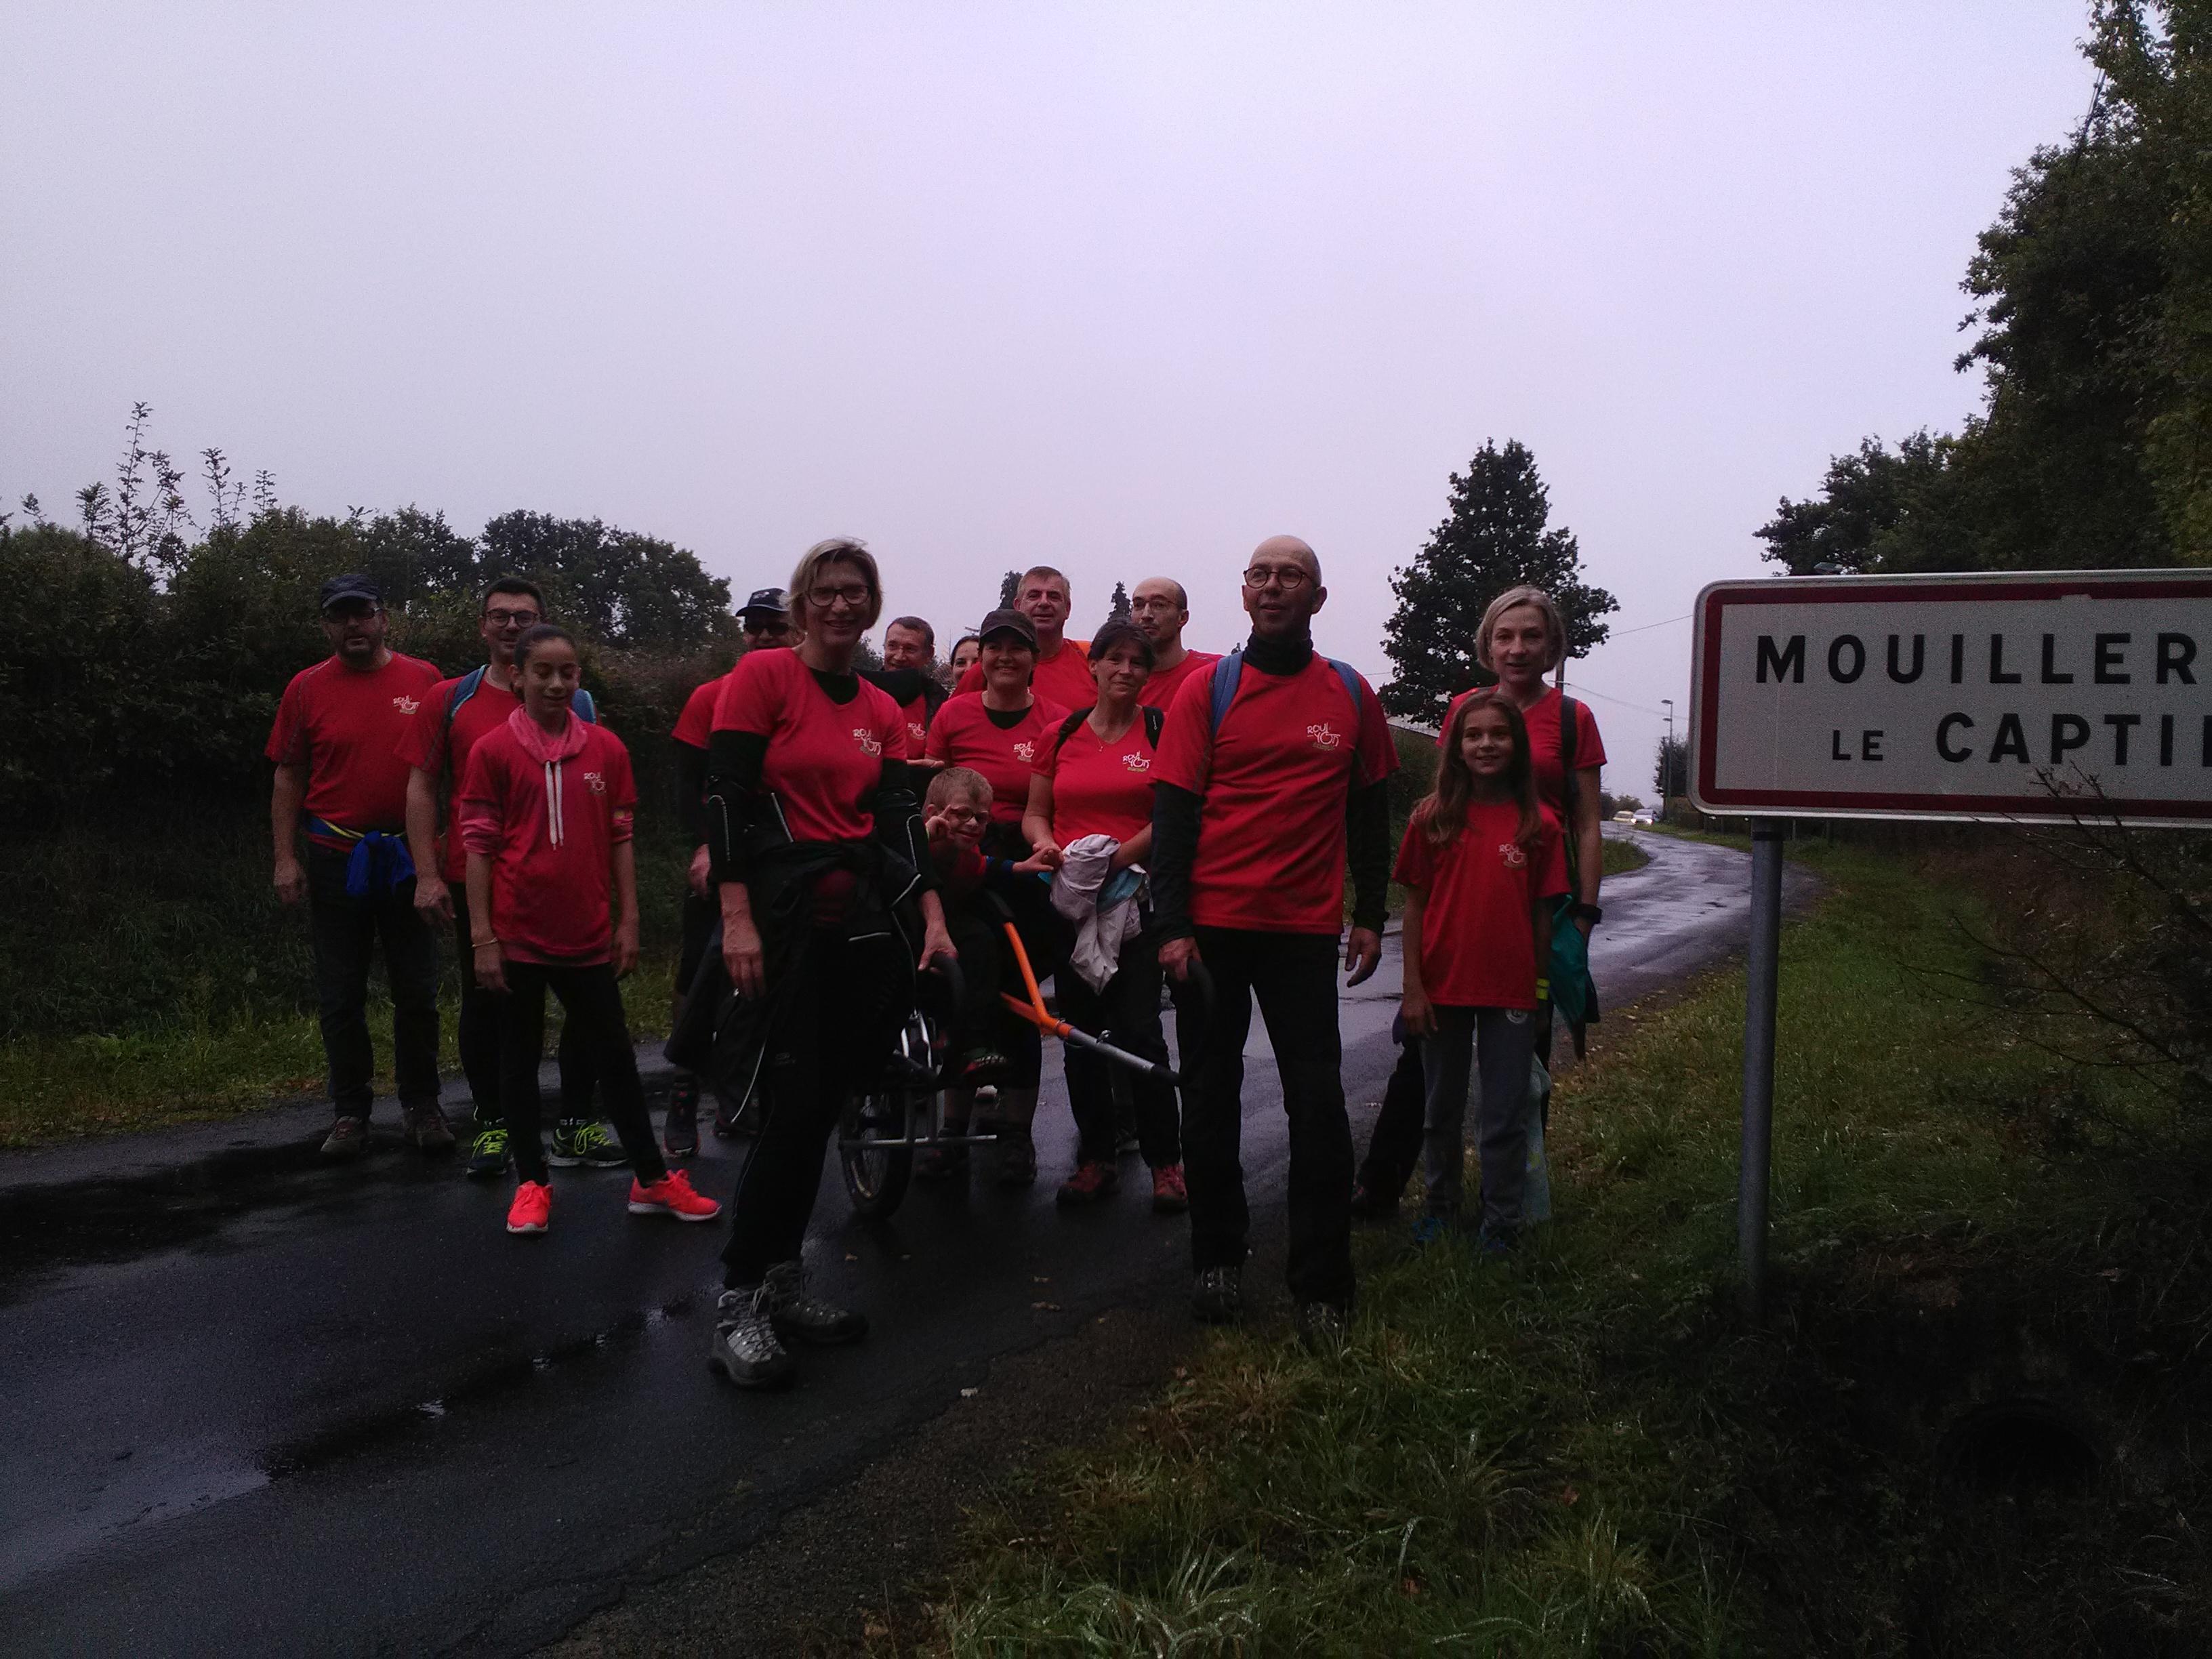 05 - Equipe Mouilleron